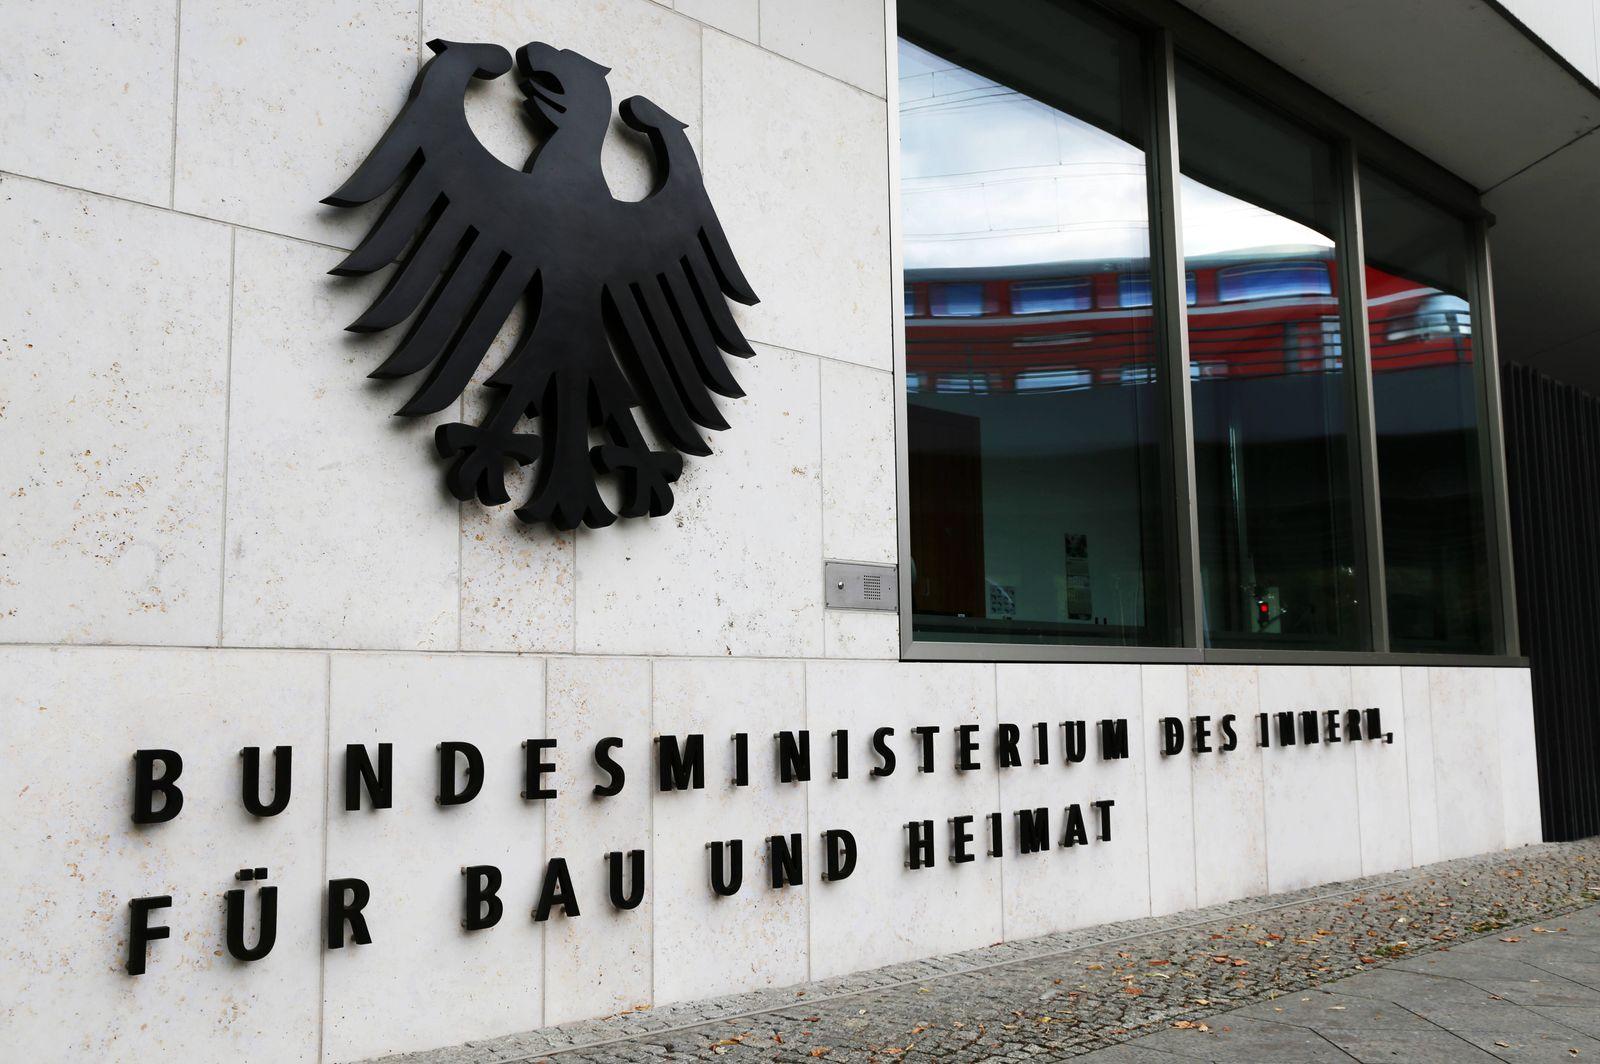 Bundesministerium des Innern, f¸r Bau und Heimat, Hauptsitz Berlin *** Federal Ministry of the Interior, for Building a